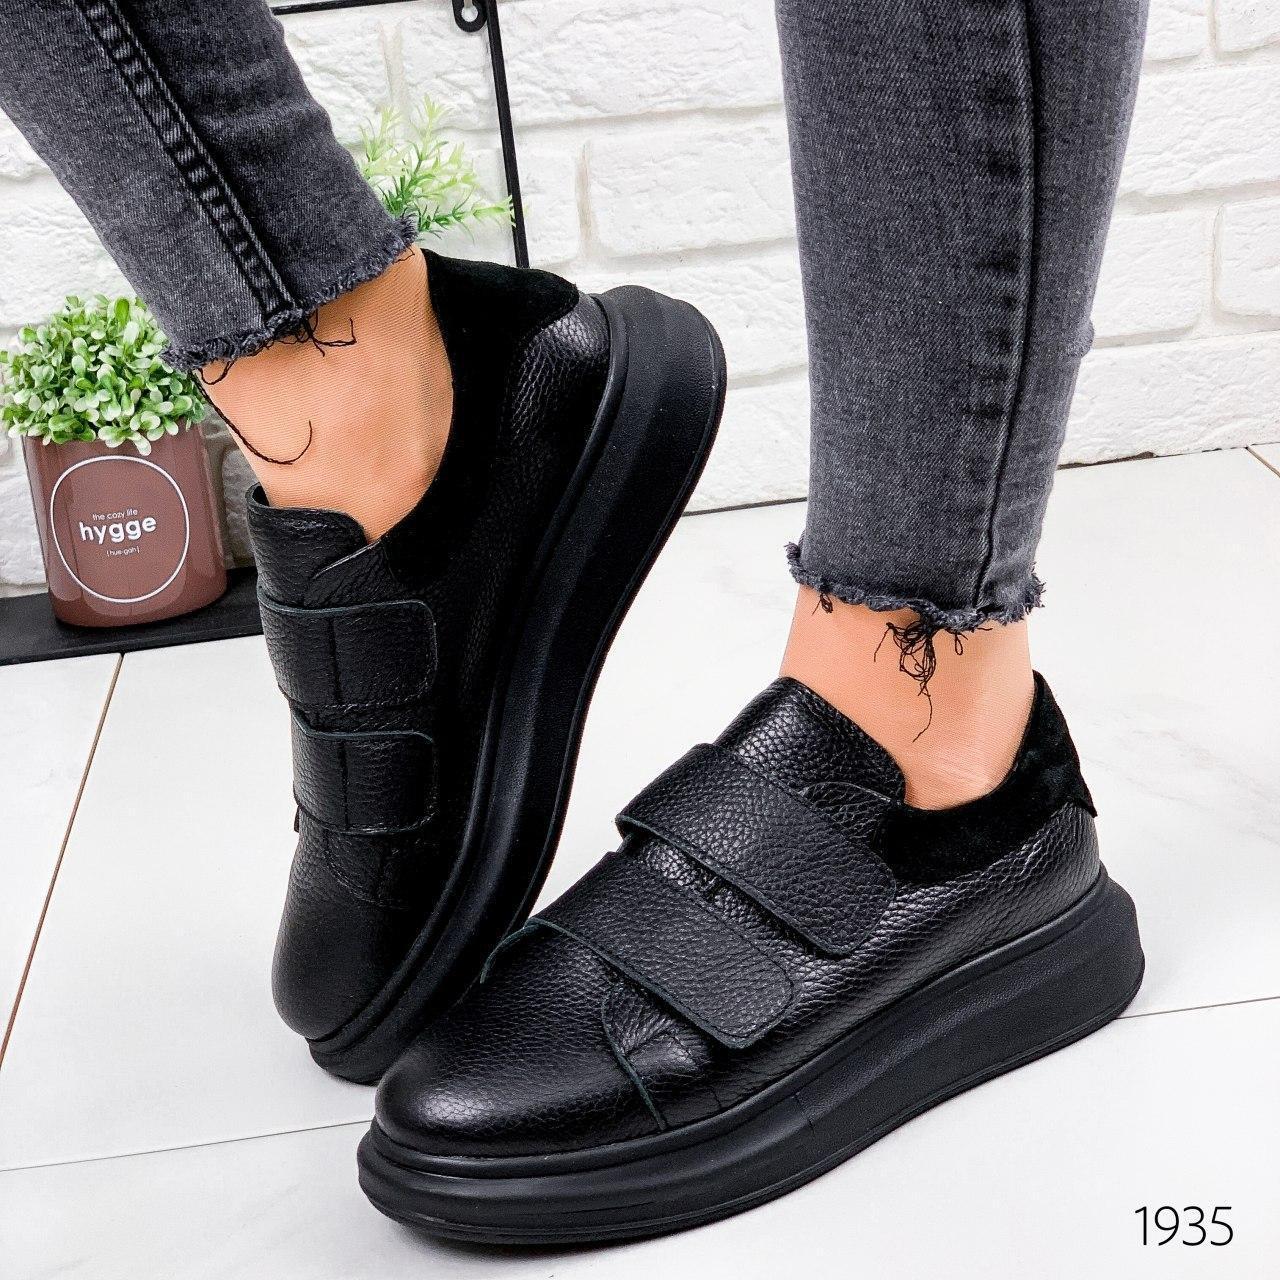 Кроссовки женские черные из НАТУРАЛЬНОЙ КОЖИ в стиле McQueen. Кросівки жіночі чорні